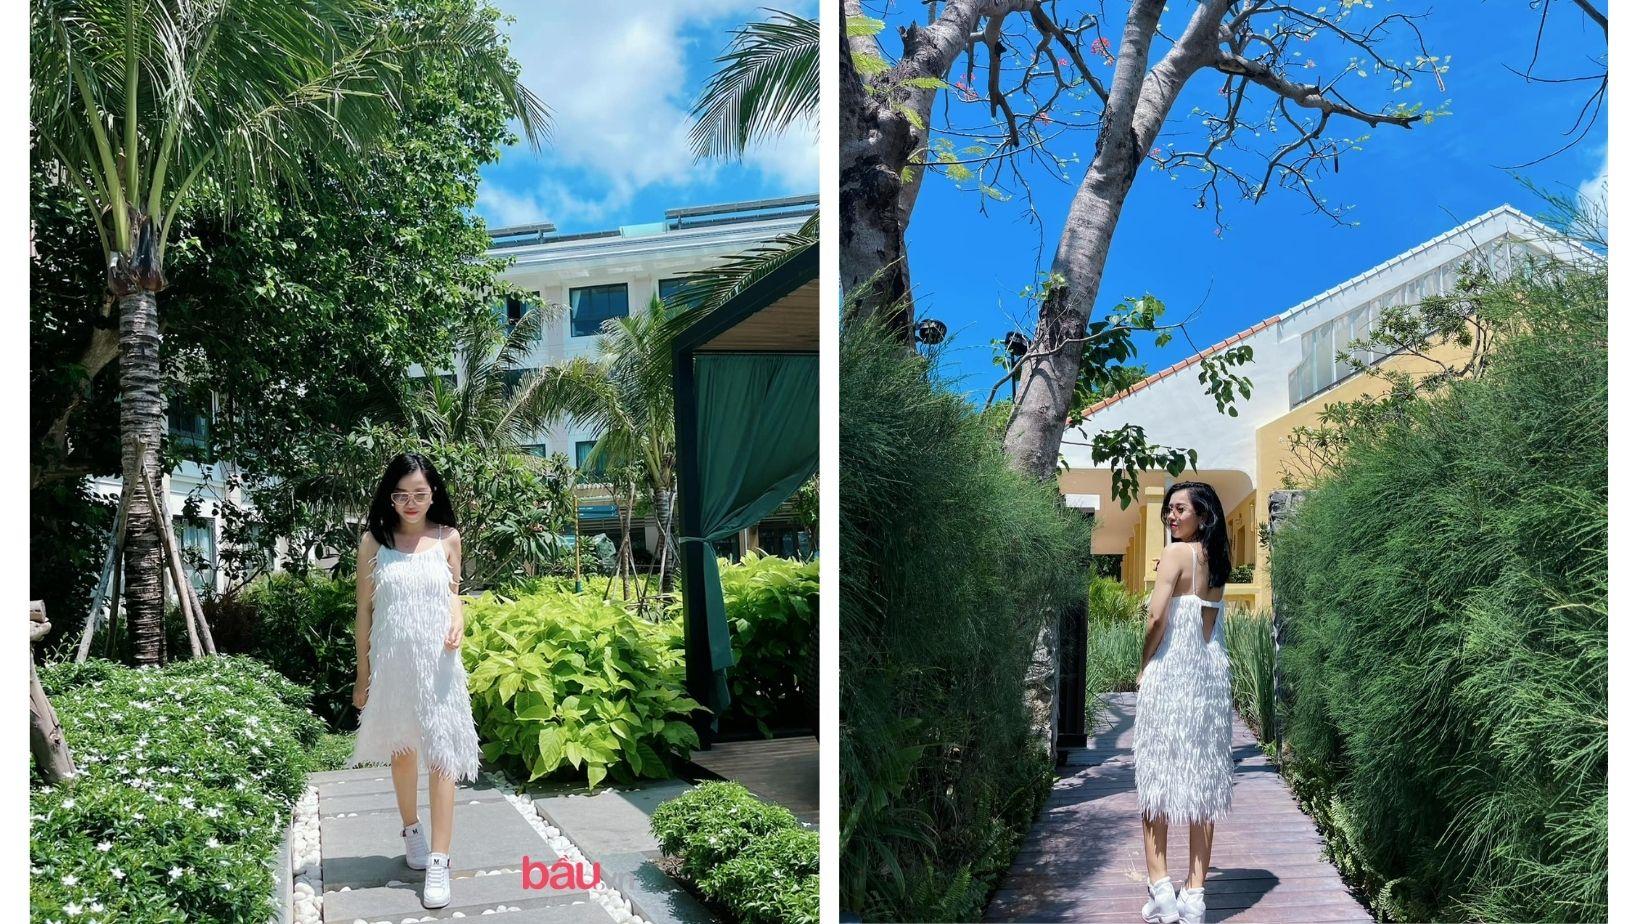 CEO tài năng Chu Mai Hương gây sốt với cách phối đồ giấu bụng bầu và đẹp hoàn hảo suốt thai kỳ